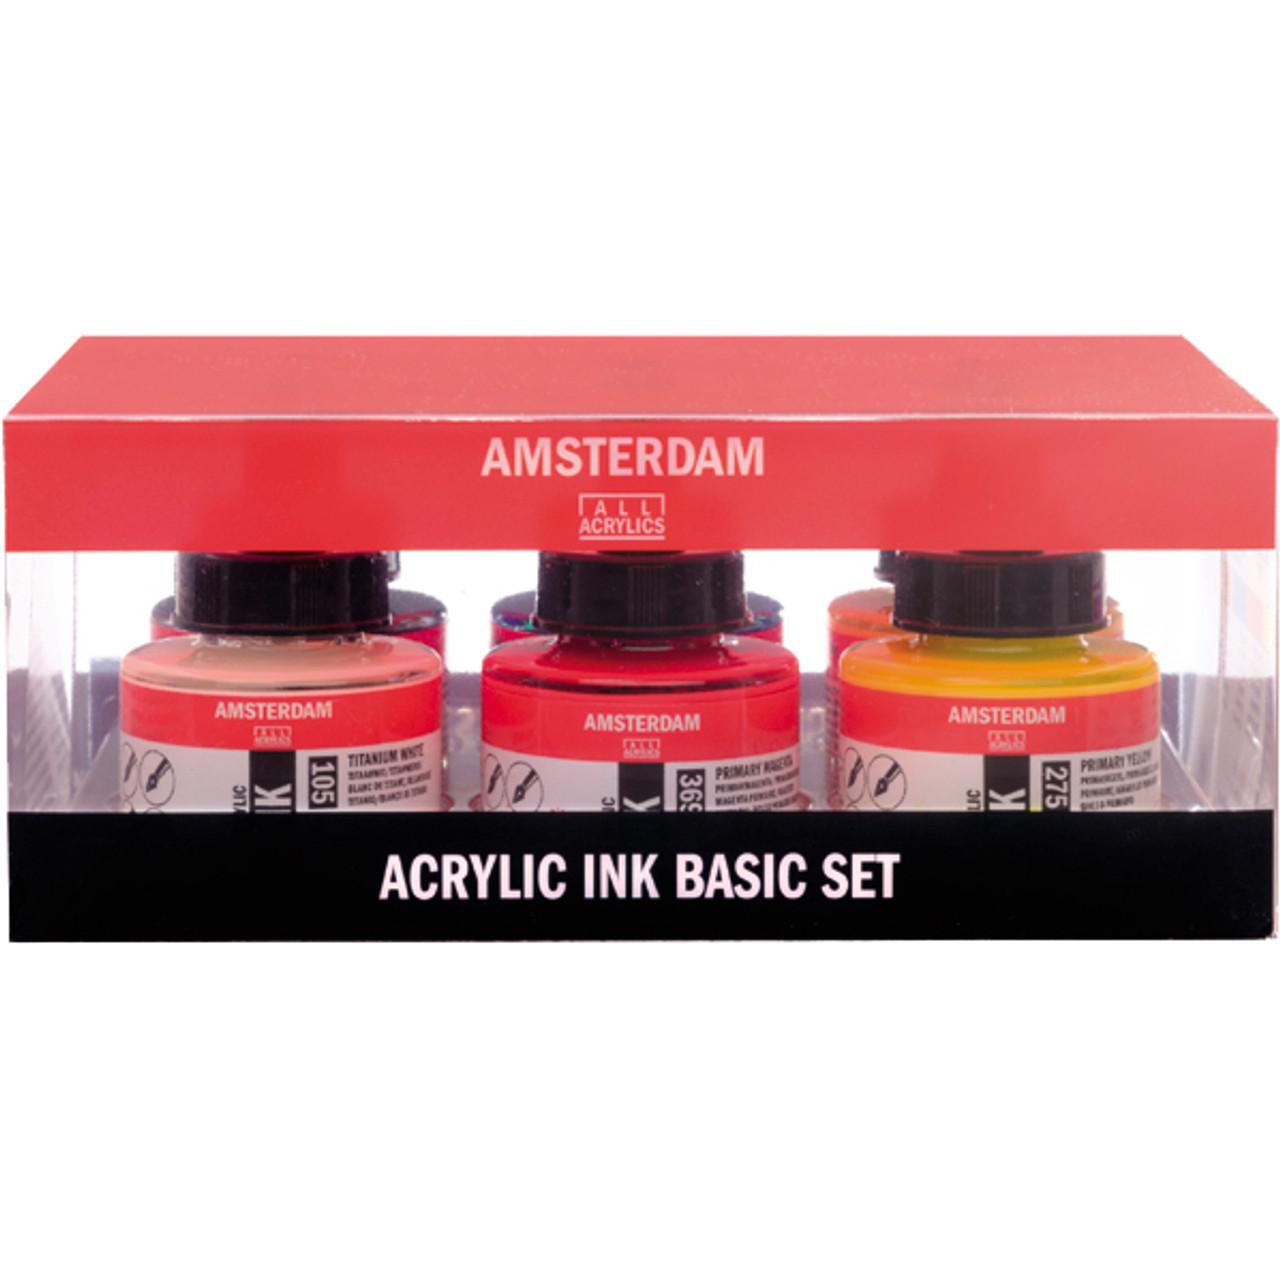 Amsterdam Acrylic Ink Basic Set